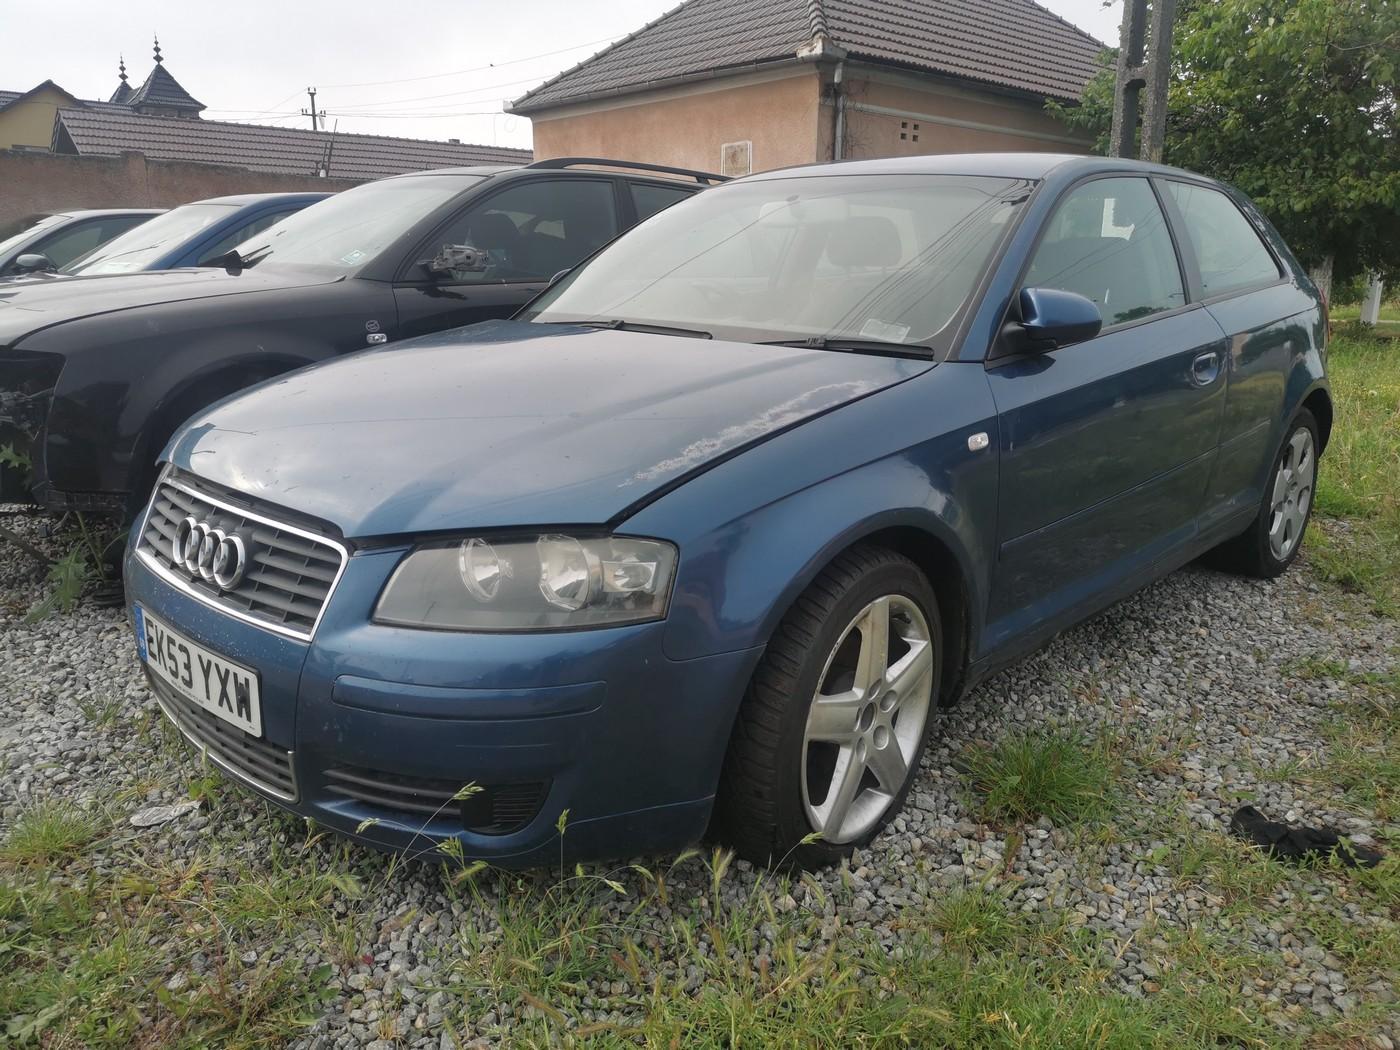 Audi A3 8P 2.0 TDI BKD, 2005